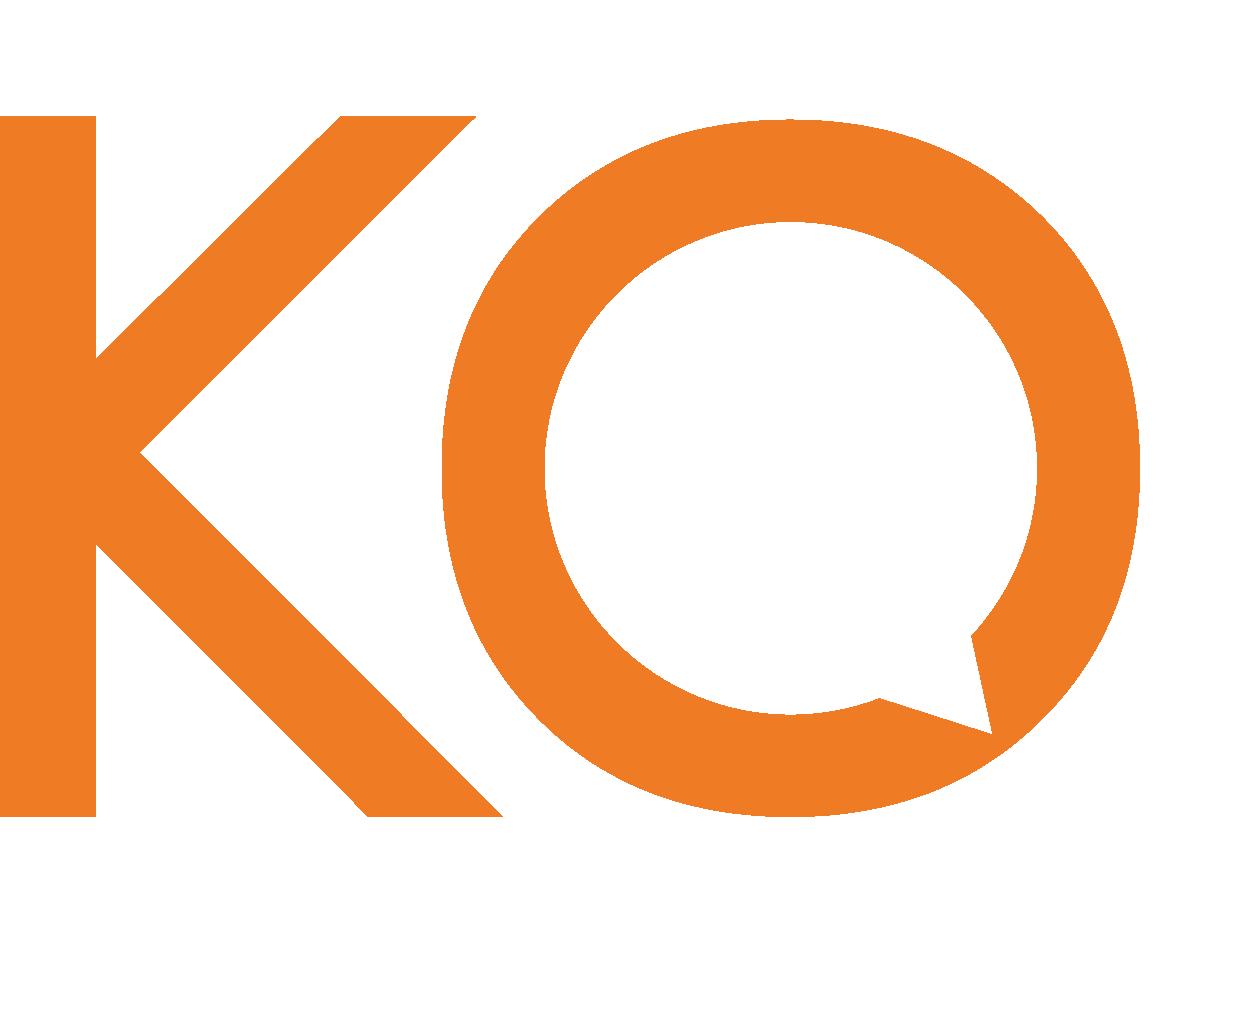 kateoneill.me | Kate O'Neill